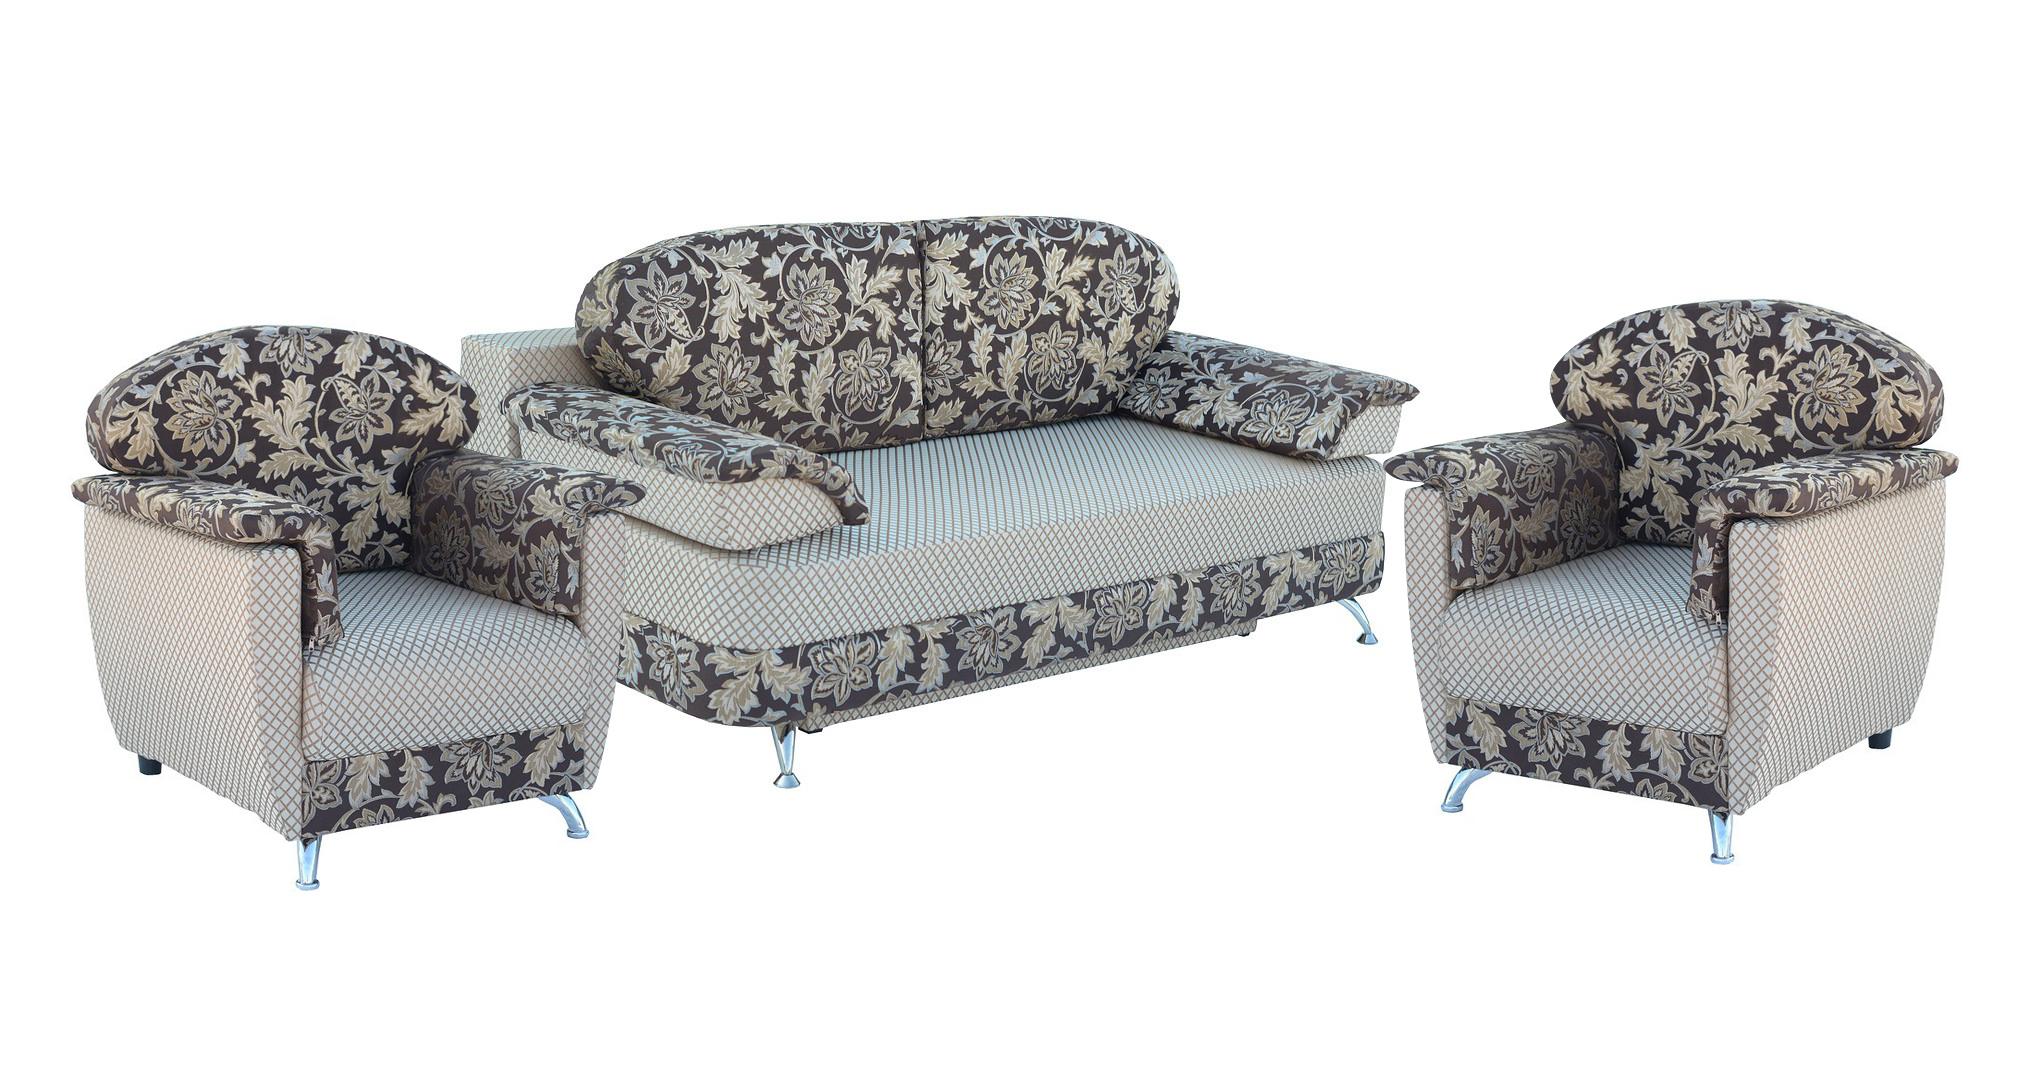 Комплект мягкой мебели Лагуна 3+1+1Комплекты мягкой мебели<br>Размер: диван: 200х102 (сп. м. 146х200); кресло: 75х85<br><br>Механизм: Еврокнижка<br>Материалы: Массив сосны, высокопрочная фанера<br>Каркас: Деревянный<br>Полный размер (ДхГхВ): 200х102х95<br>Спальное место: 146х200х43<br>Размер кресла: 75х85<br>Наполнитель: Диван: Пружинный блок; Кресло: ППУ<br>Комплектация: Ящик для белья, декоративные подушки<br>Примечание: Стоимость указана по минимальной категории ткани<br>Изготовление и доставка: 8-10 дней<br>Условия доставки: Бесплатная по Москве до подъезда<br>Условие оплаты: Оплата наличными при получении товара<br>Доставка по МО (за пределами МКАД): 30 руб./км<br>Доставка в пределах ТТК: Доставка в центр Москвы осуществляется ночью, с 22.00 до 6.00 утра<br>Подъем на грузовом лифте: 1100 руб.<br>Подъем без лифта: 550 руб./этаж<br>Сборка: 600 руб.<br>Гарантия: 12 месяцев<br>Производство: Россия<br>Производитель: Утин